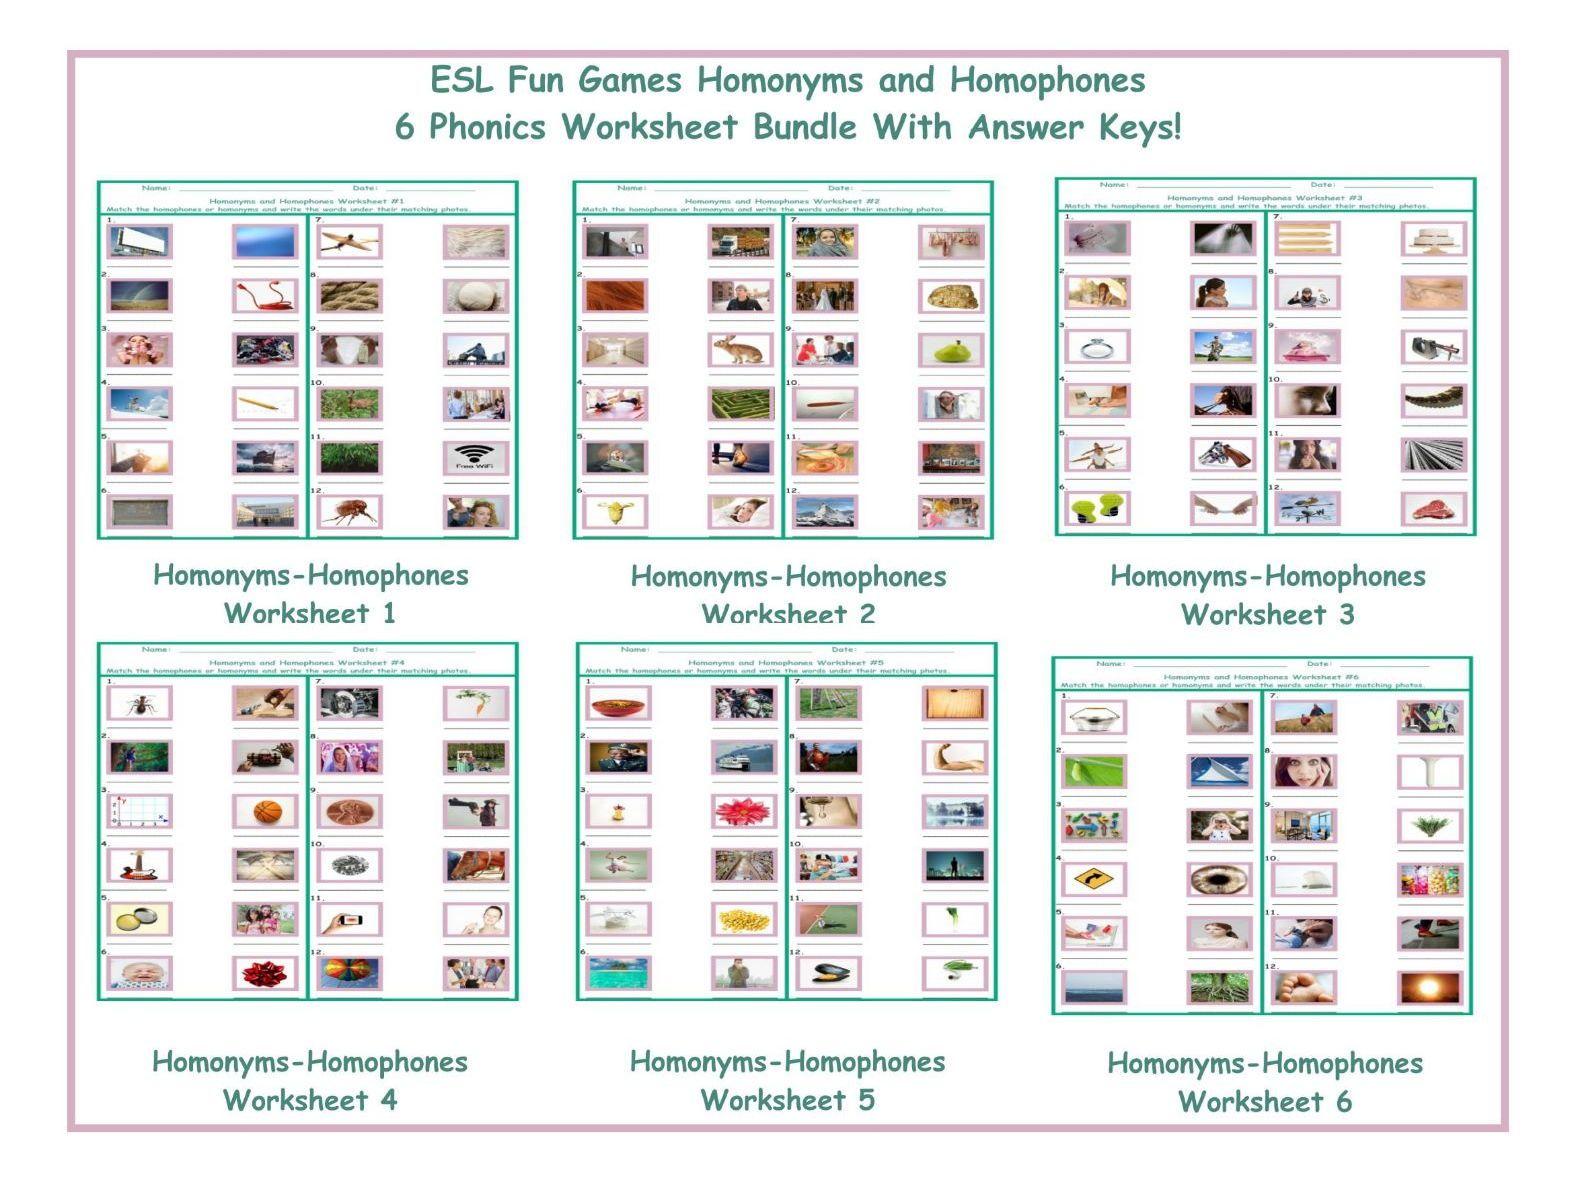 Homonyms Homophones Worksheet Bundle